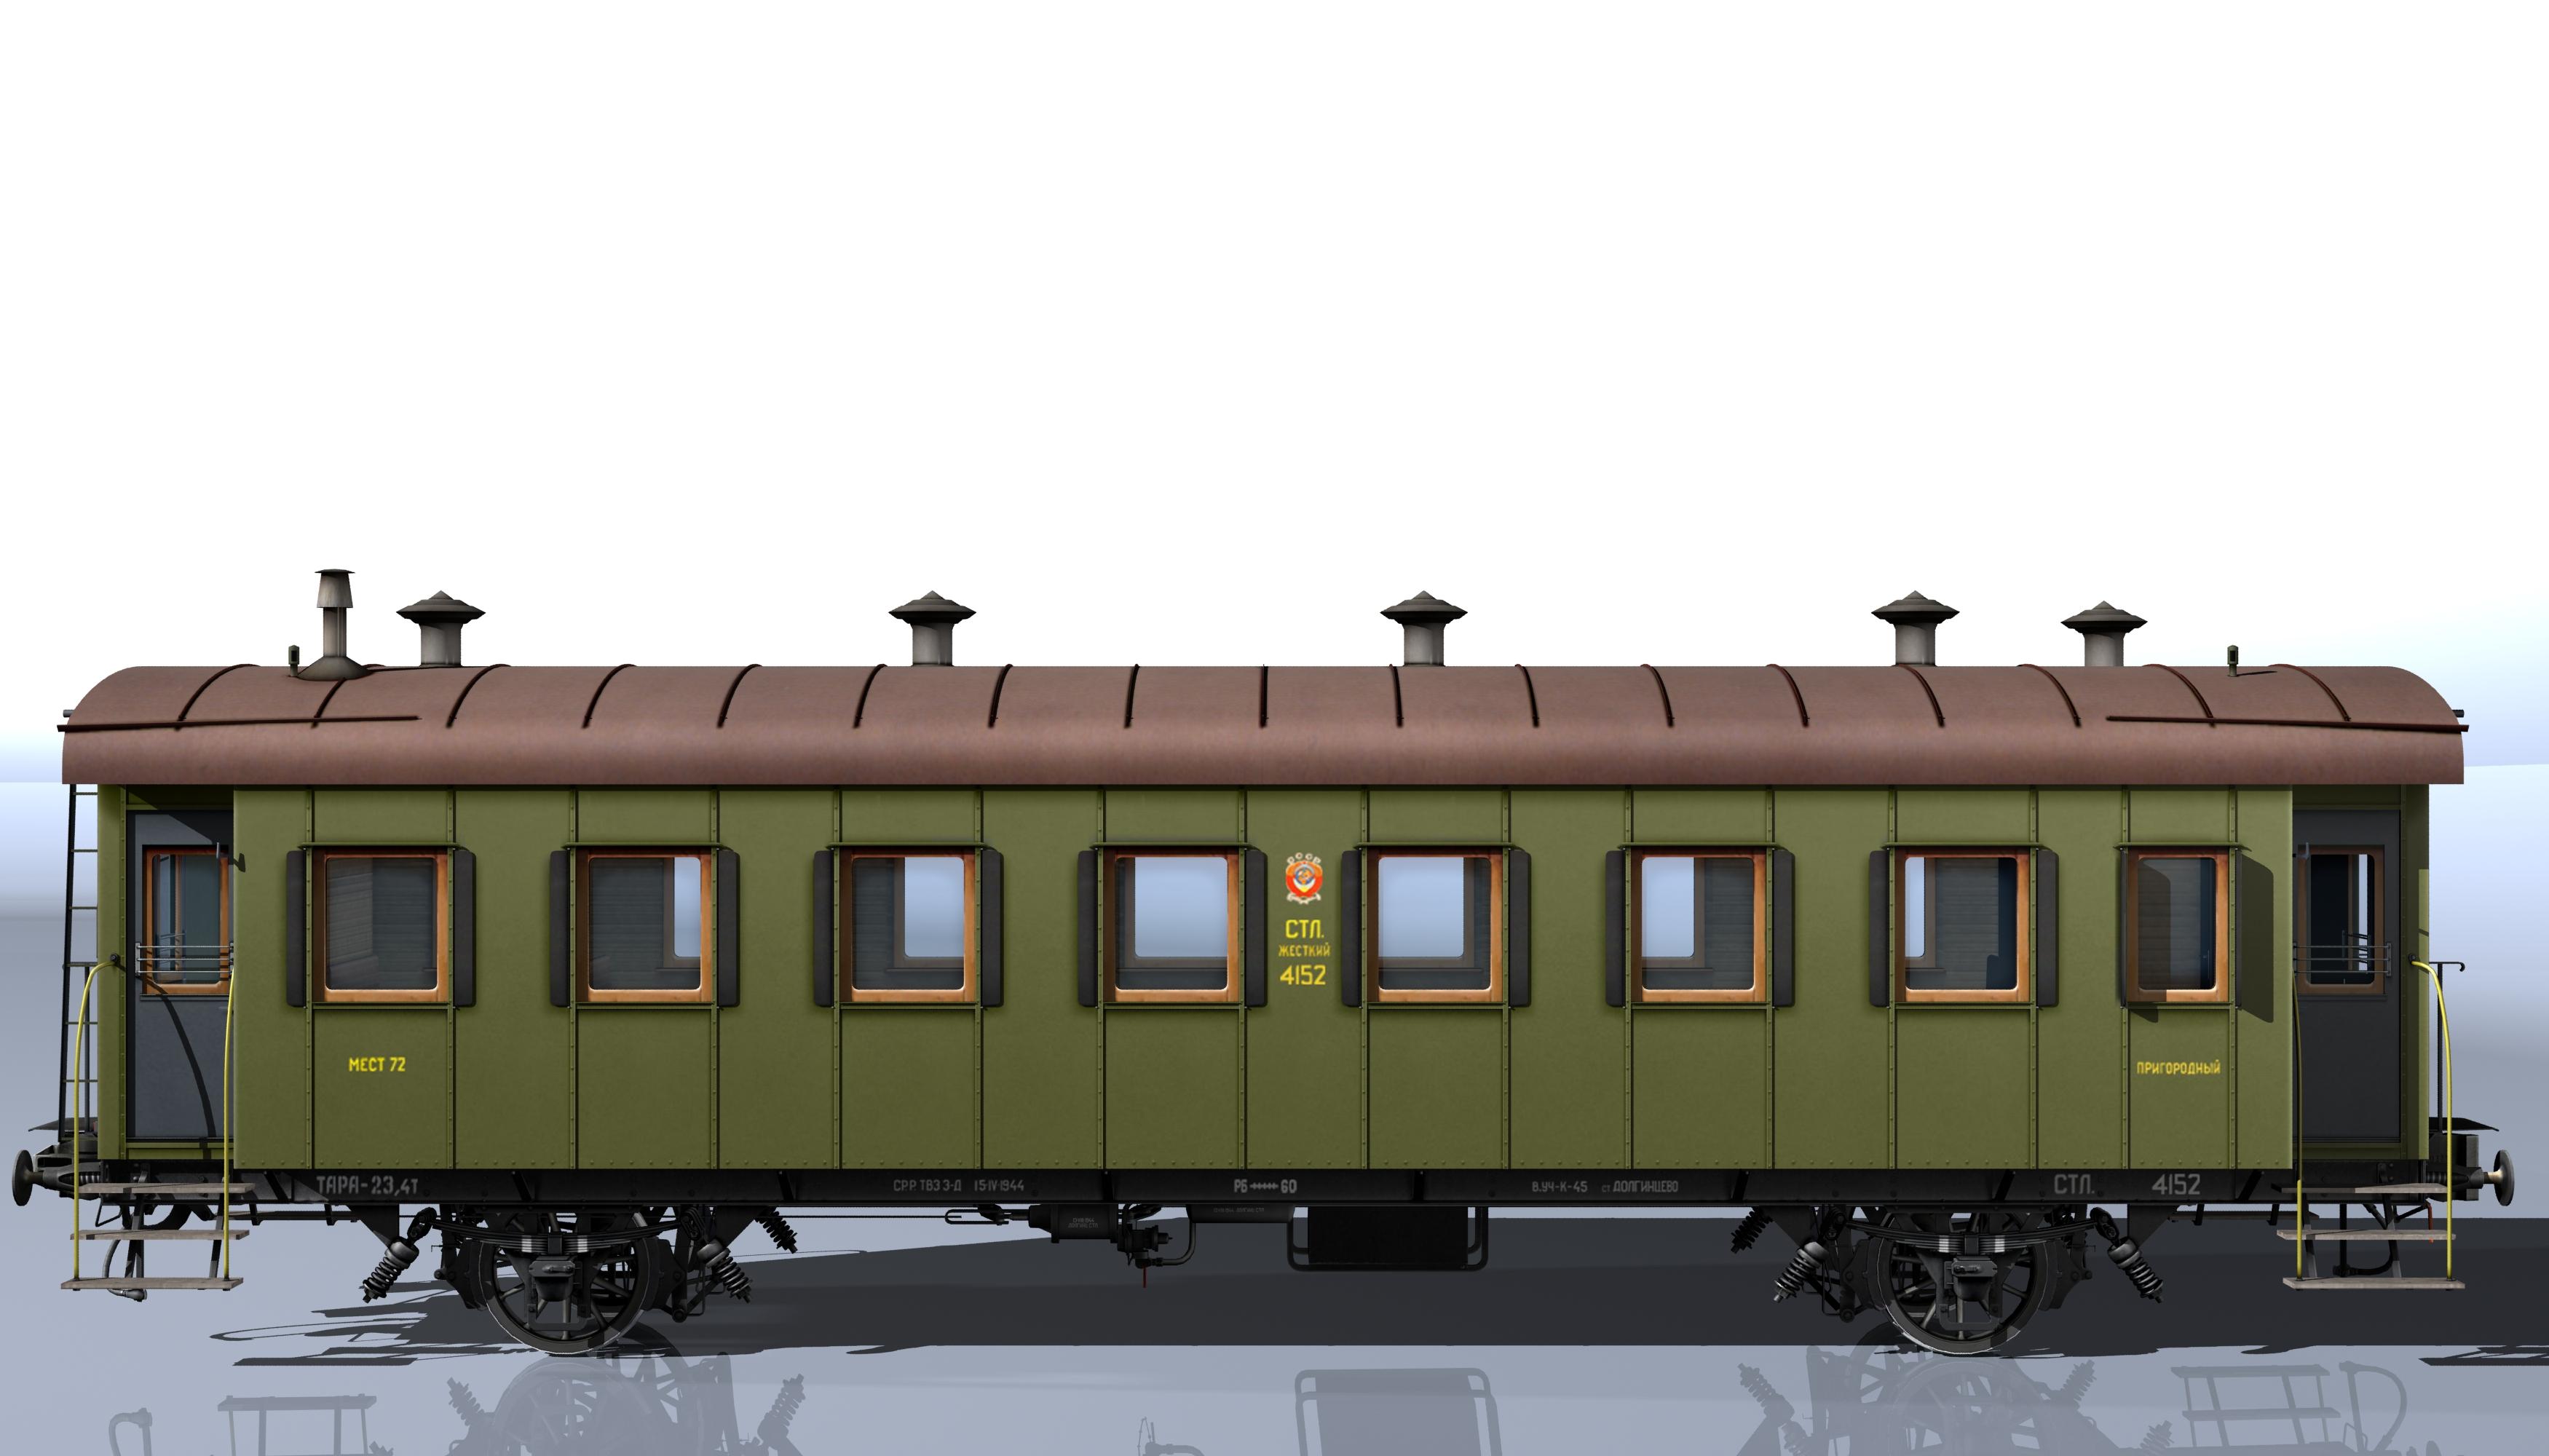 reisivaguniproov 1930 3d mudel 3ds max fbx obj 213916